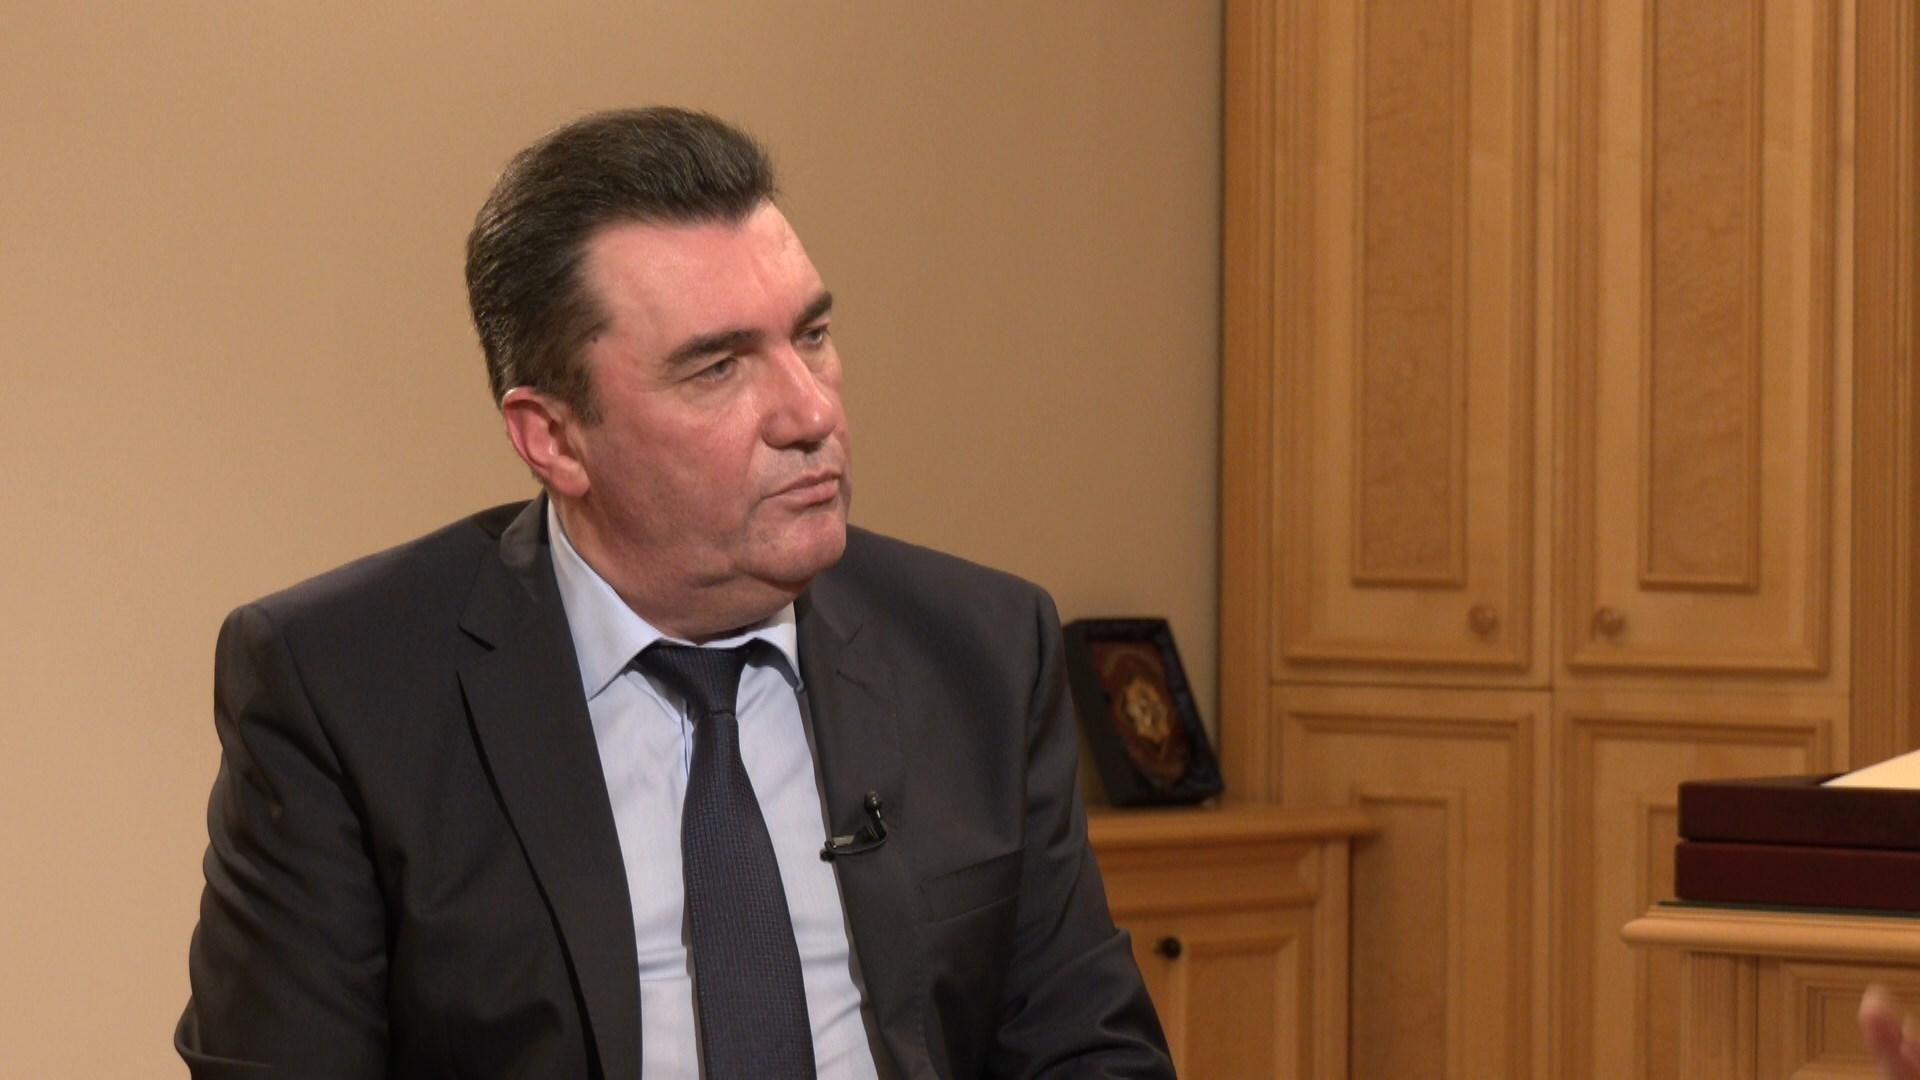 О развале России и окончании войны на Донбассе: эксклюзивное интервью с главой СНБО Даниловым